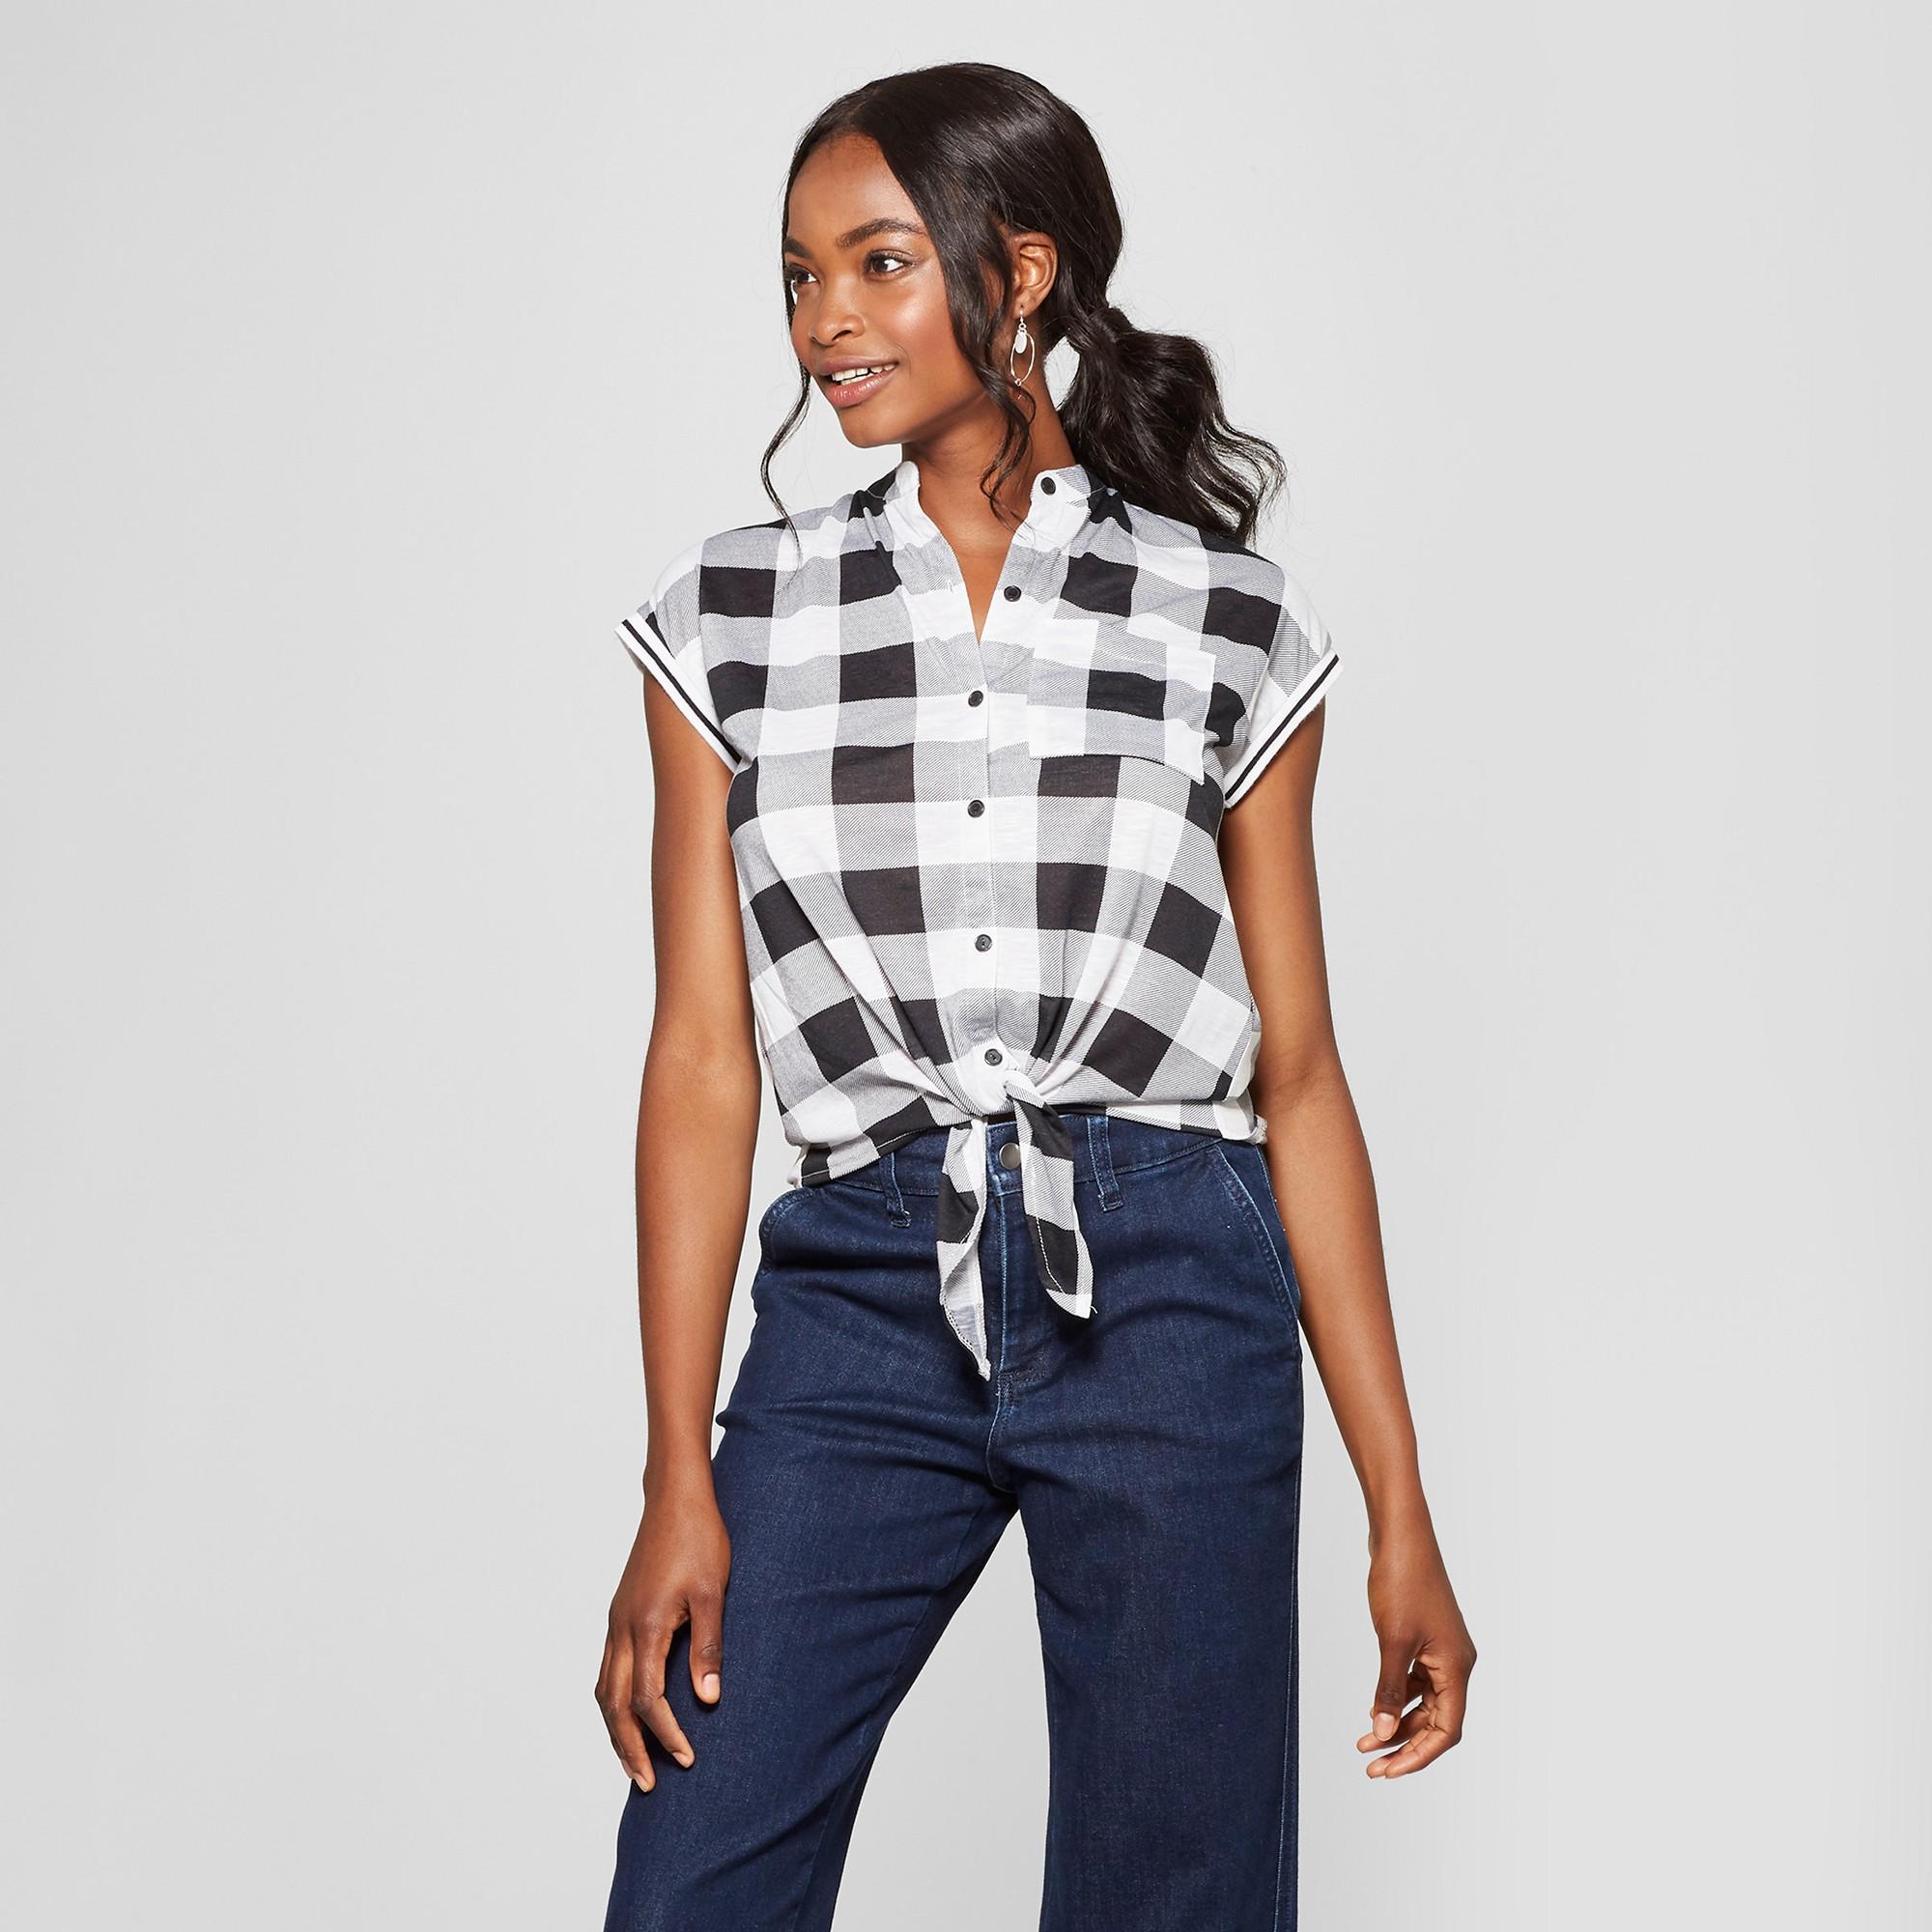 406e8e49 Women's Plaid Short Sleeve Tie Front Button-Down Shirt - Almost Famous ( Juniors') Black/White XL